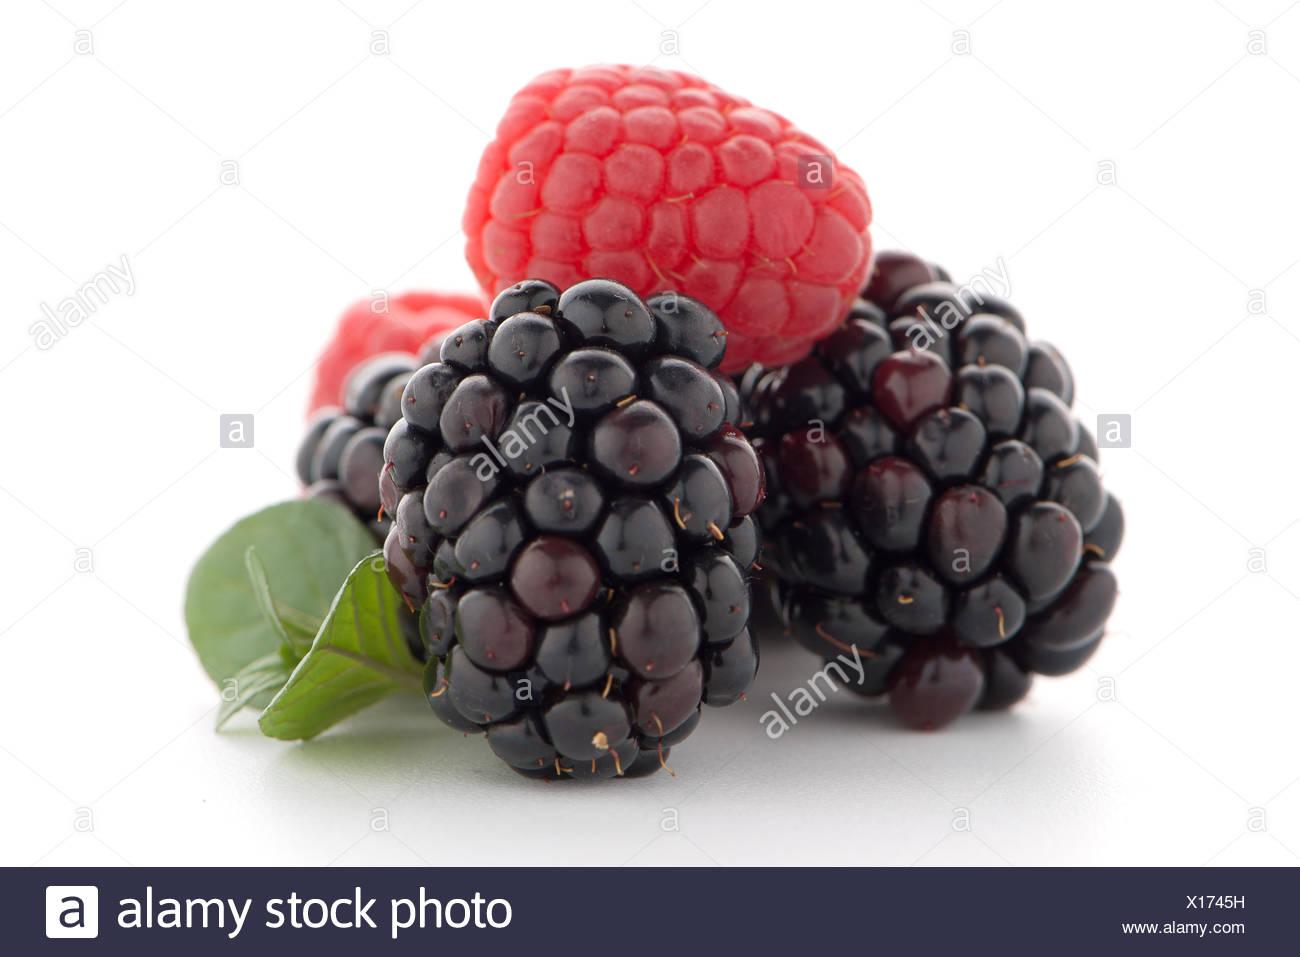 Raspberry with blackberry - Stock Image